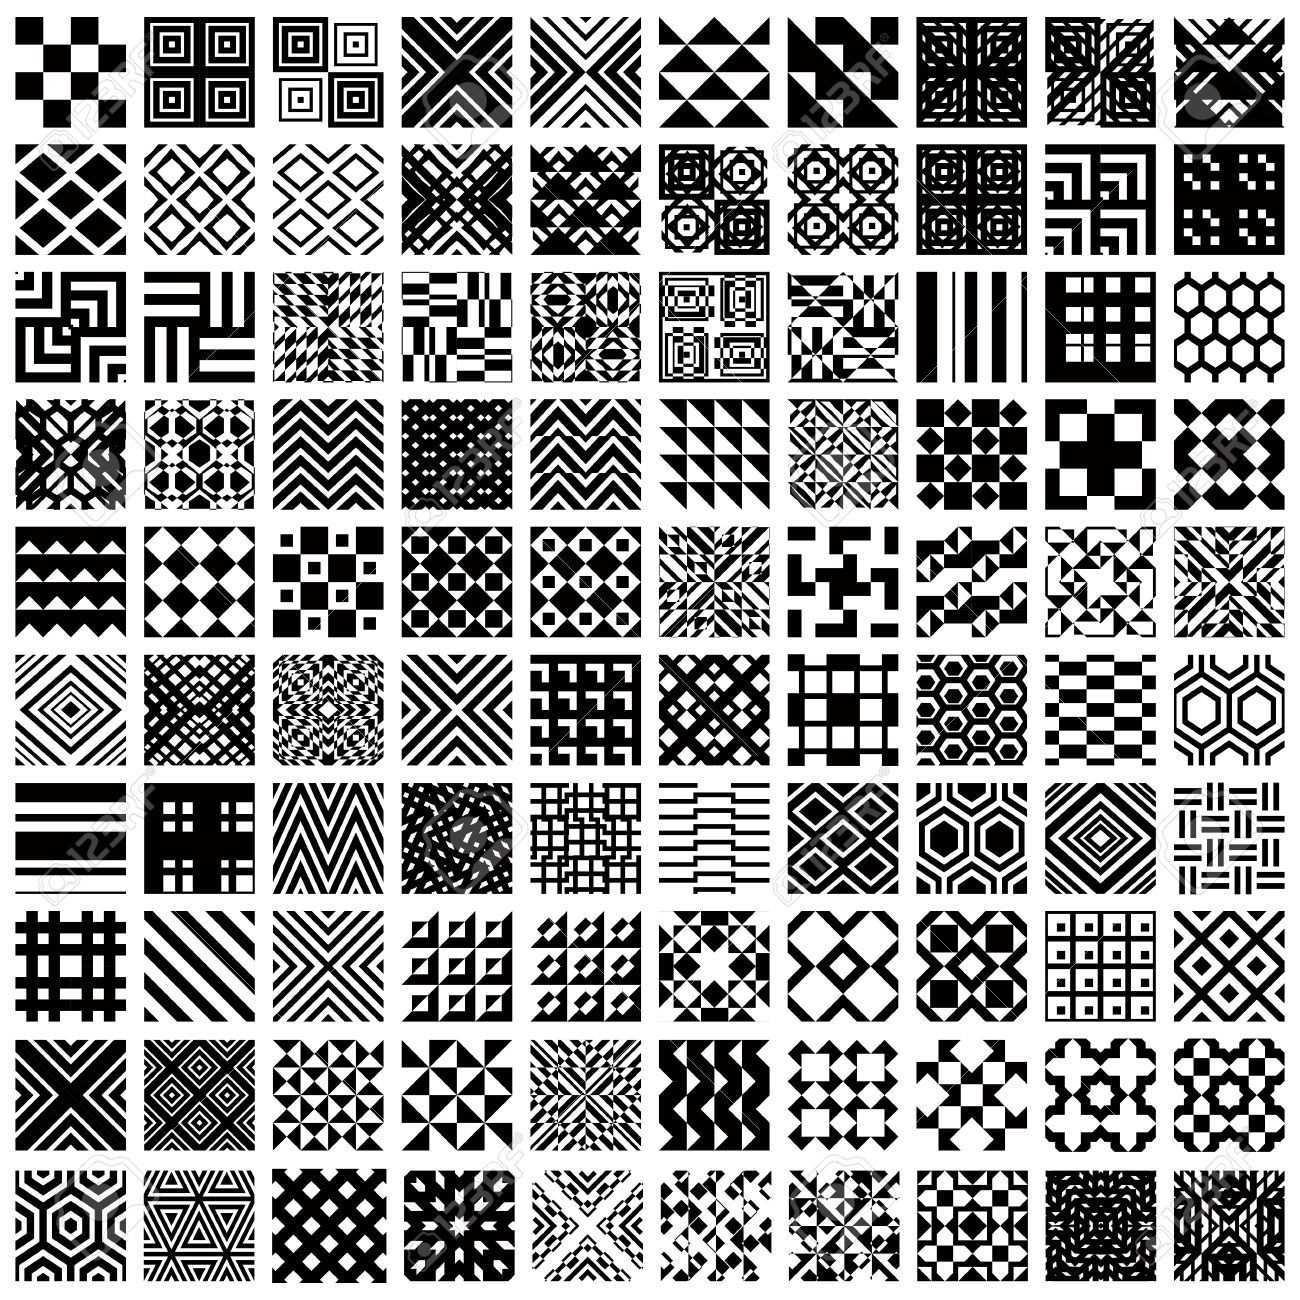 100 Geometrische Nahtlose Muster Eingestellt Schwarz Und Weiss Vektor Hintergrunde Sammlung Vektor Hintergrund Geometrisches Musterdesign Geometrisch